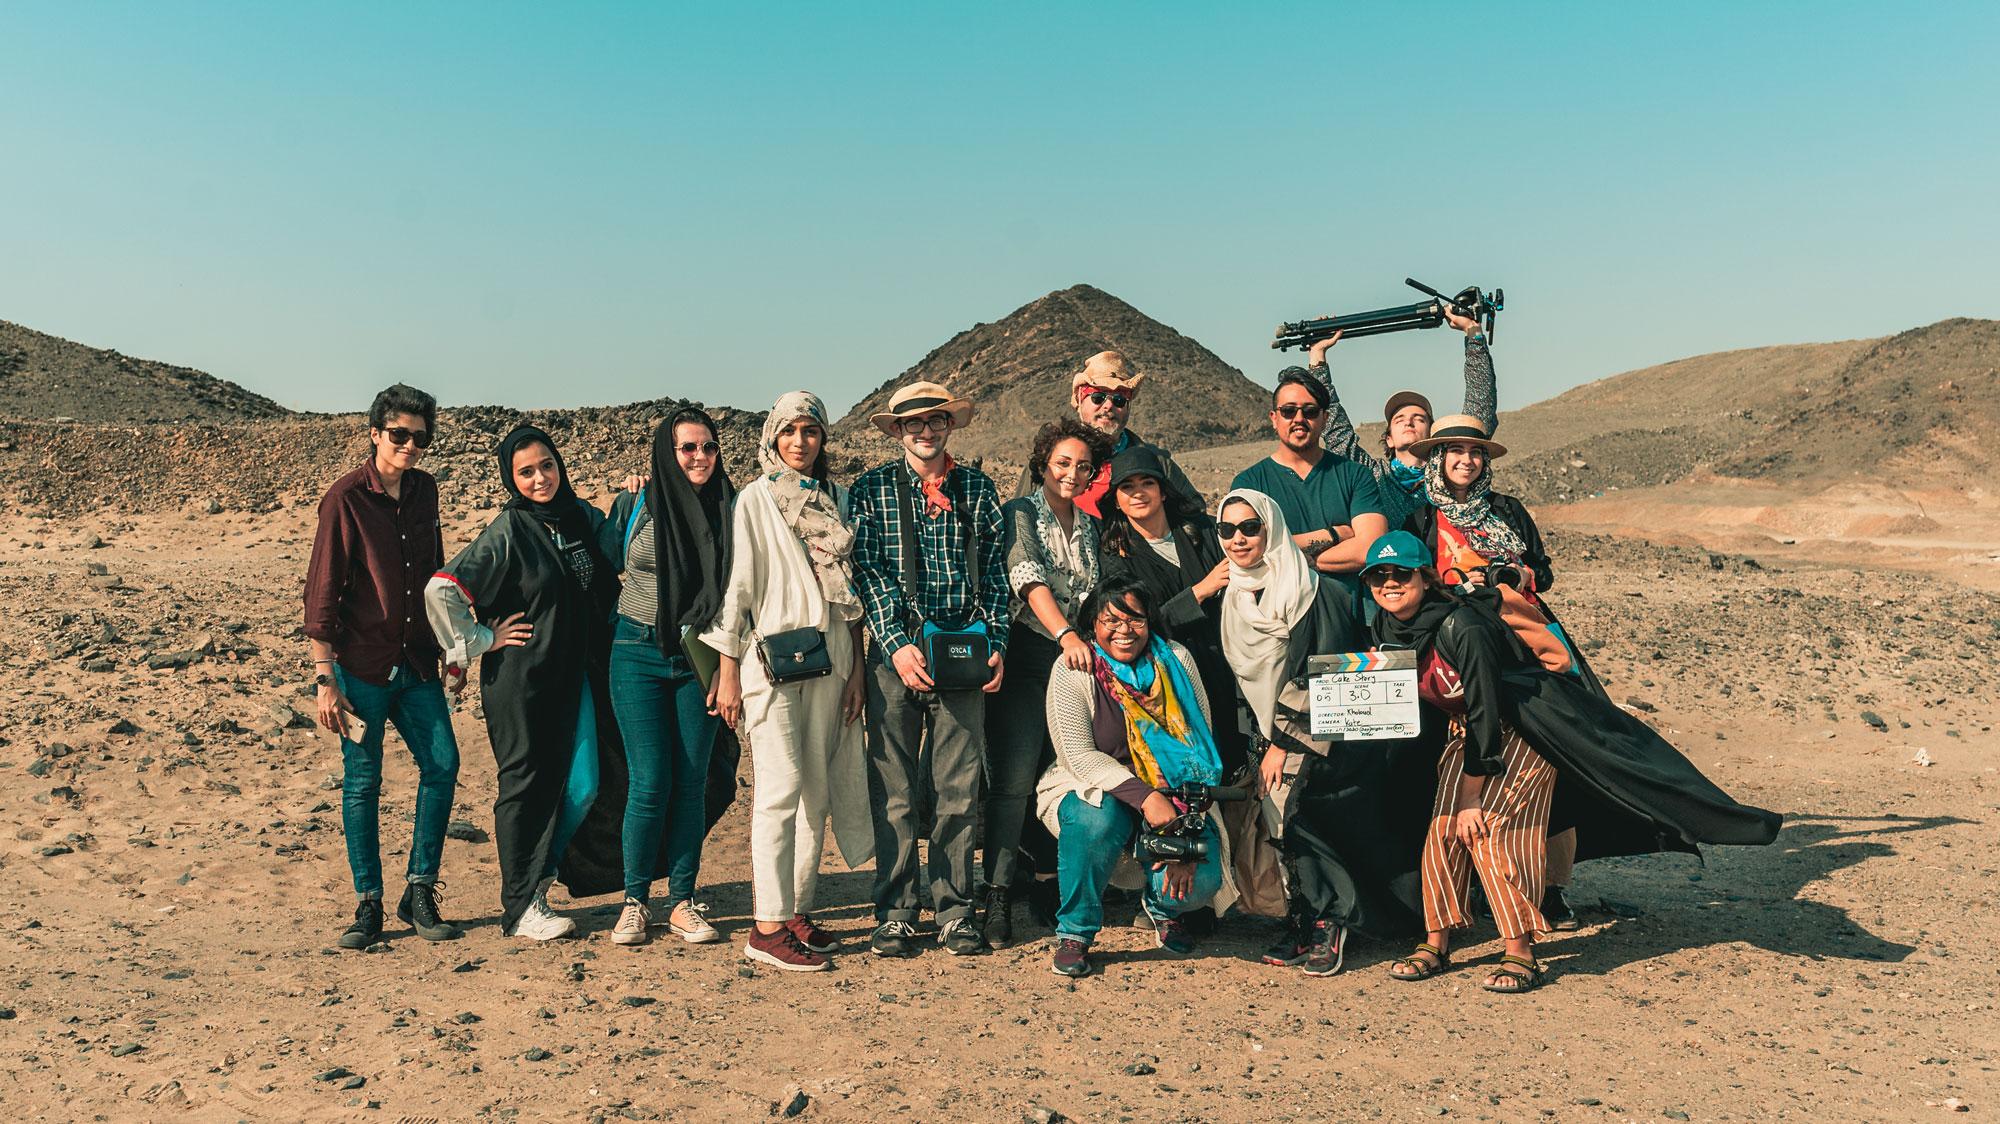 Saudi Film Screenings